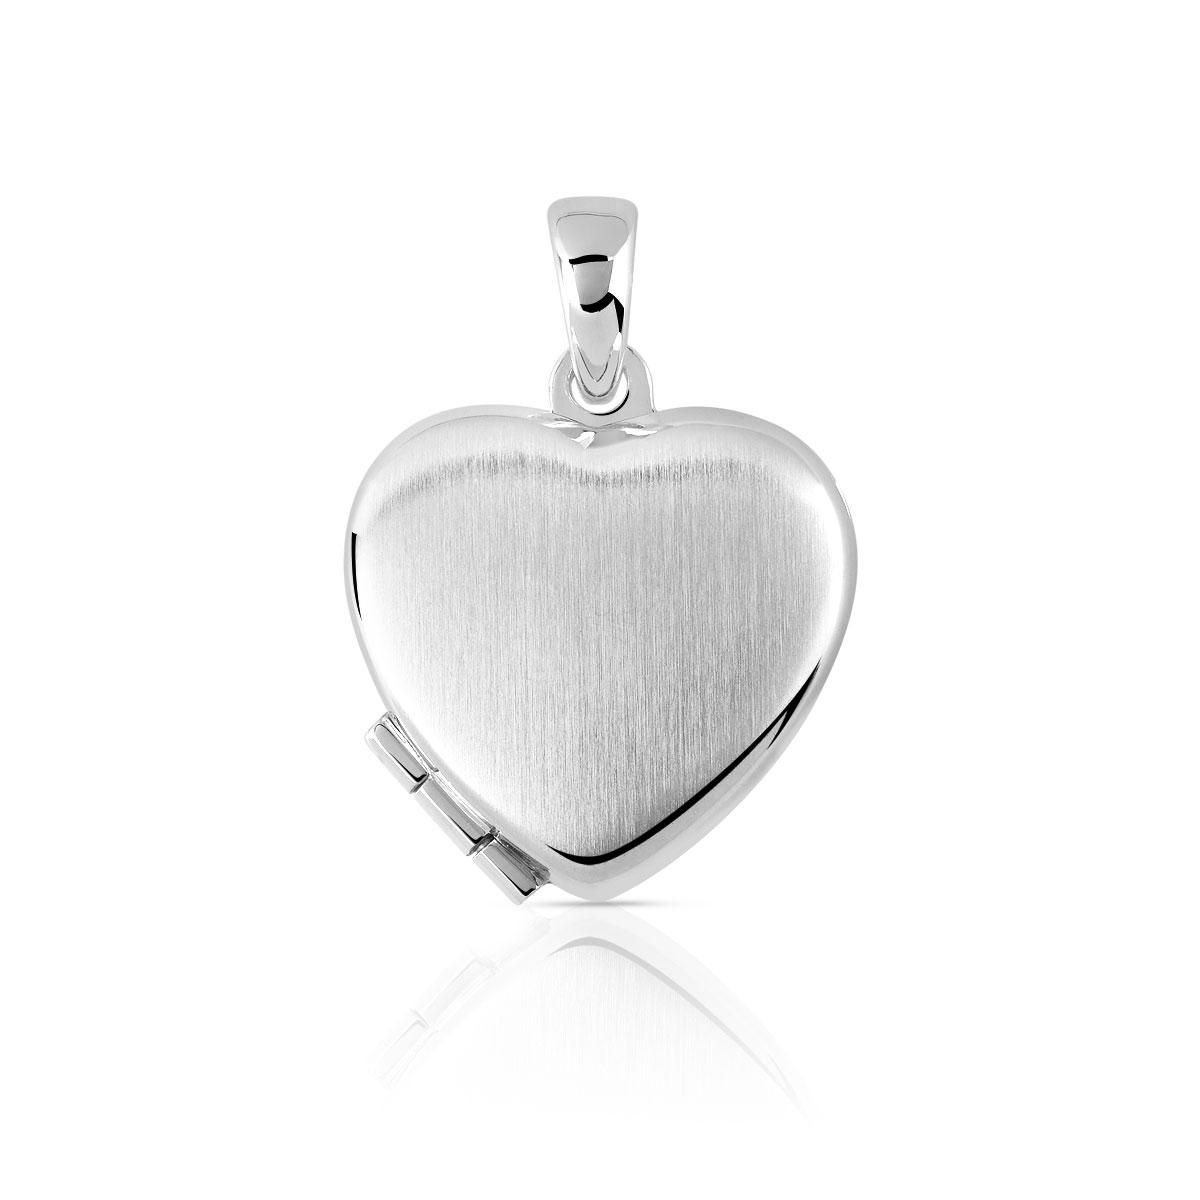 Pendentif argent 925 coeur porte photo femme pendentif coeur maty - Pendentif porte photo argent ...